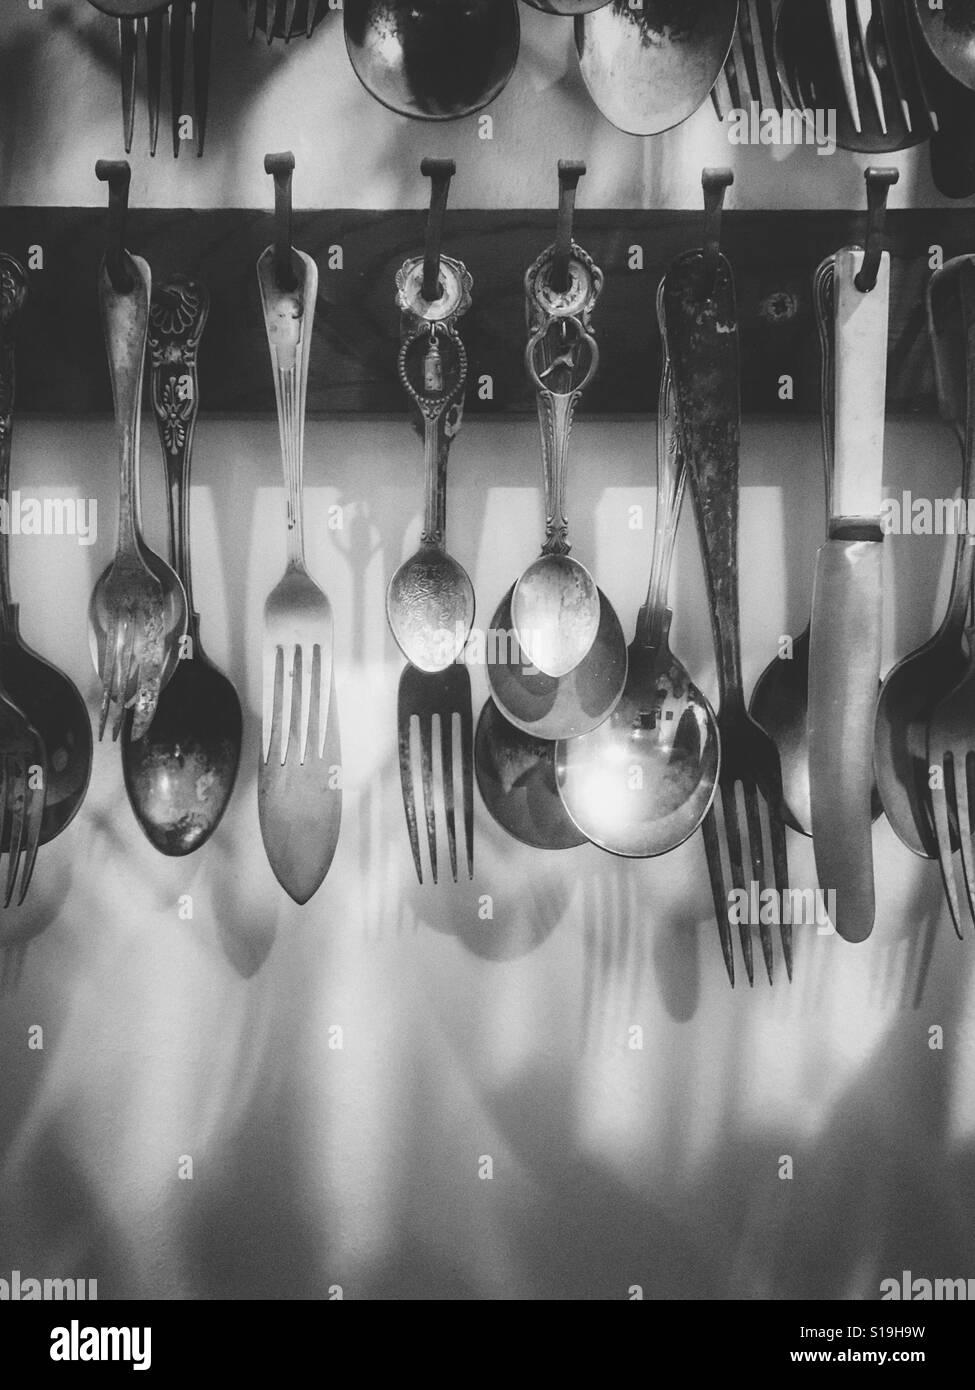 Coltelli e forchette e cucchiai appeso a una parete Foto Stock